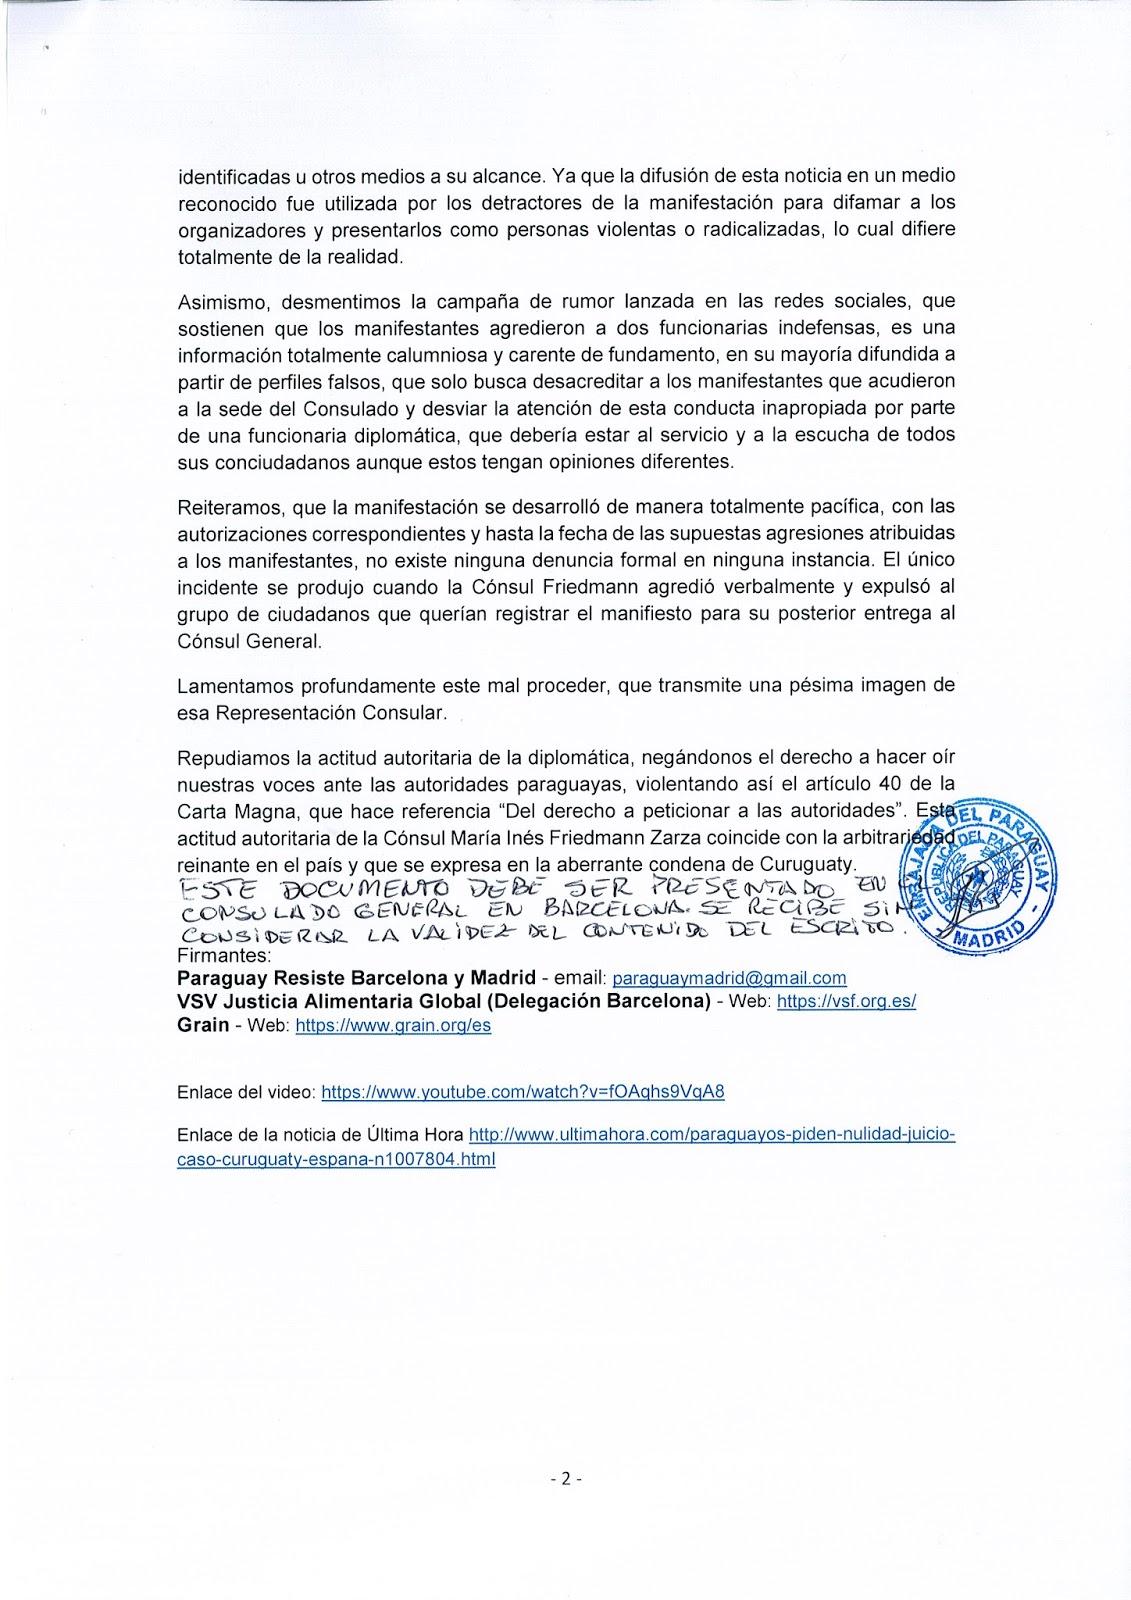 ACLARACIÓN REFERENTE A LO OCURRIDO EN EL CONSULADO GENERAL DE LA REPÚBLICA  DEL PARAGUAY EN LA CIUDAD DE BARCELONA 1d916ee78da